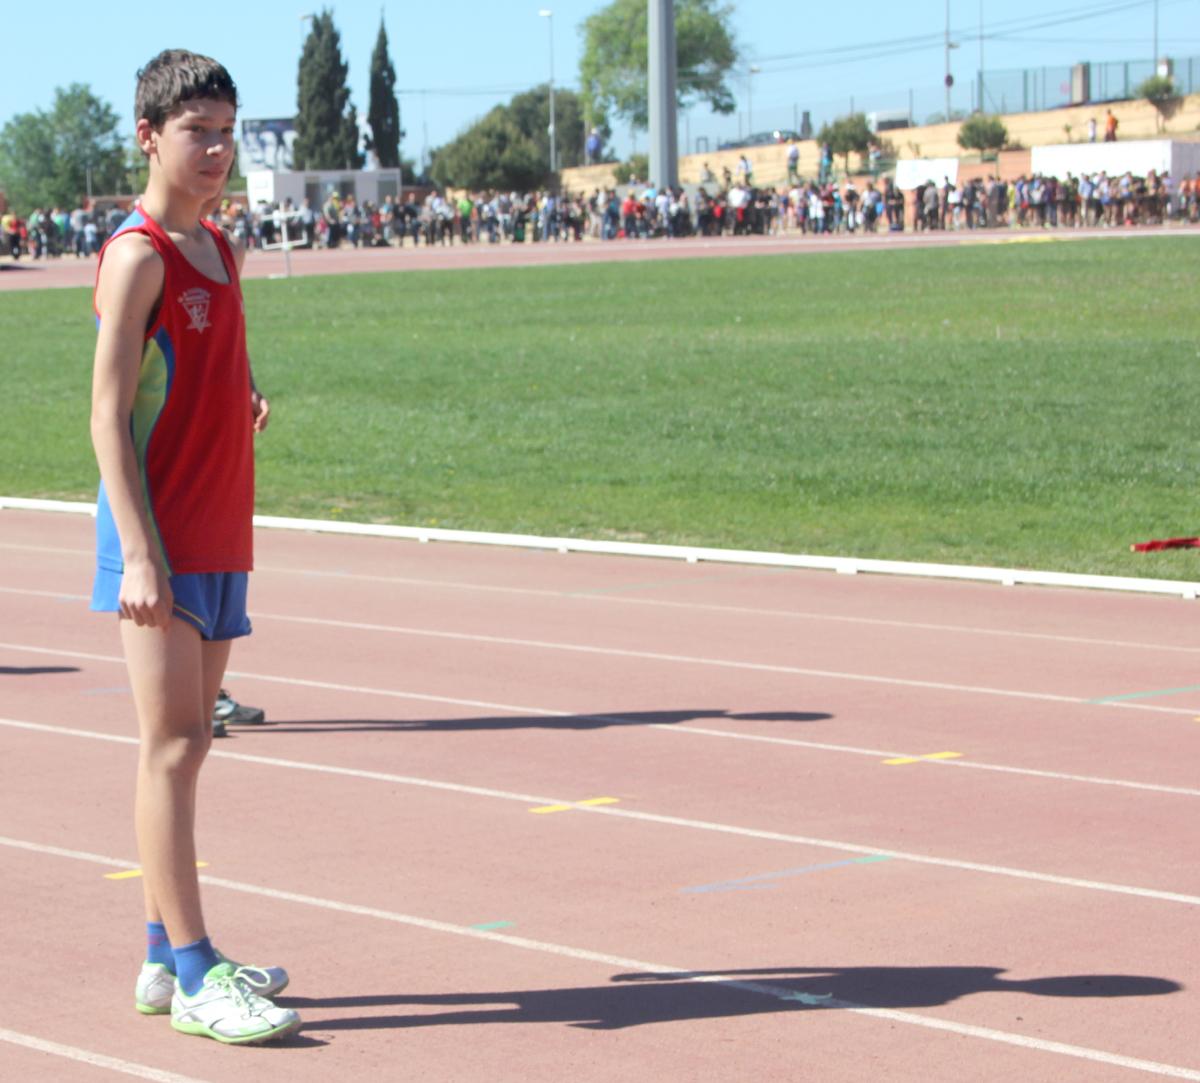 Ajuntament de sant andreu de llavaneres l 39 atleta llavanerenc marc gar campi de catalunya de - Piscina municipal mataro ...